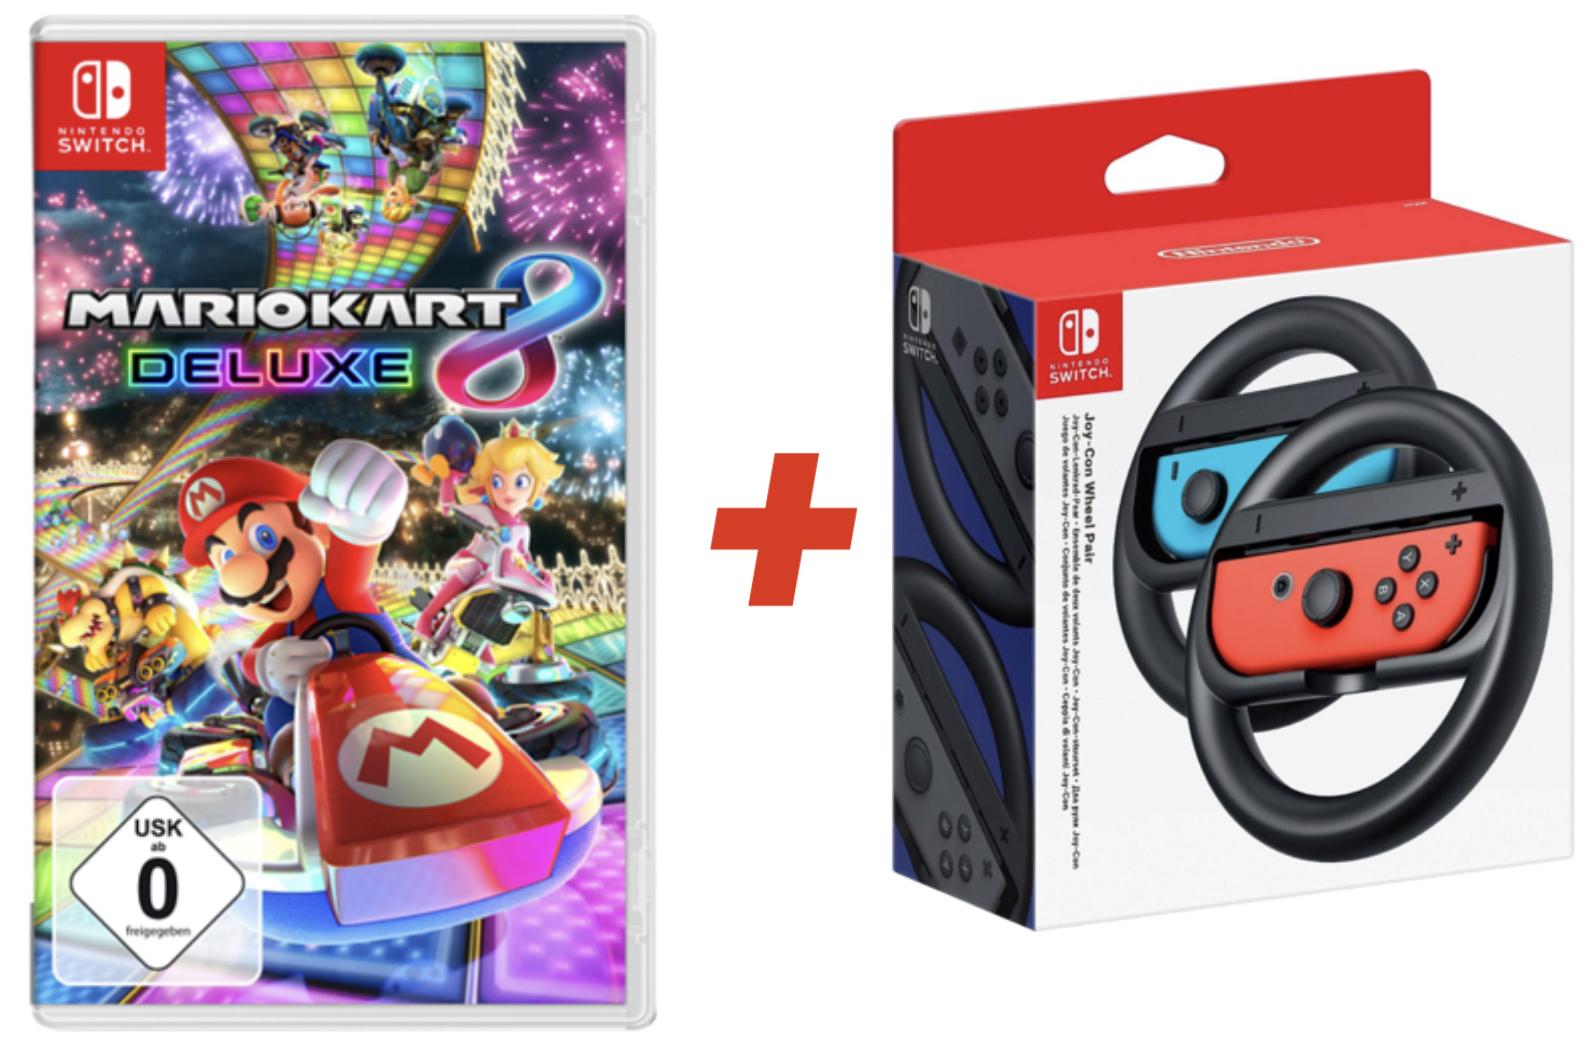 Mario Kart 8 Deluxe + Nintendo Switch Lenkrad für Joy-Cons (Paar) für 49,99€ bei Abholung bzw. 52,98€ inkl. Versandkosten